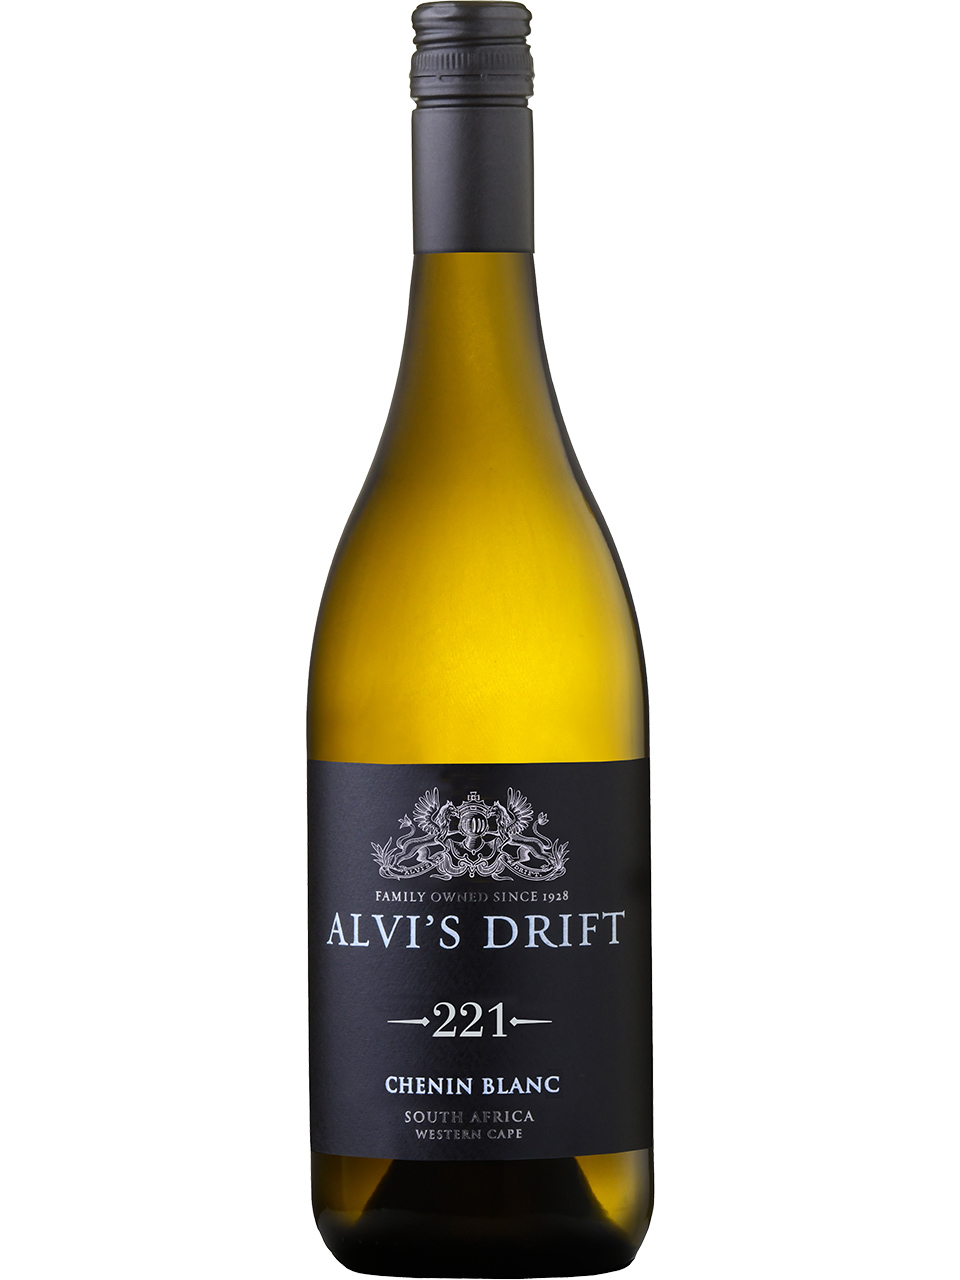 Alvi's Drift 221 Chenin Blanc